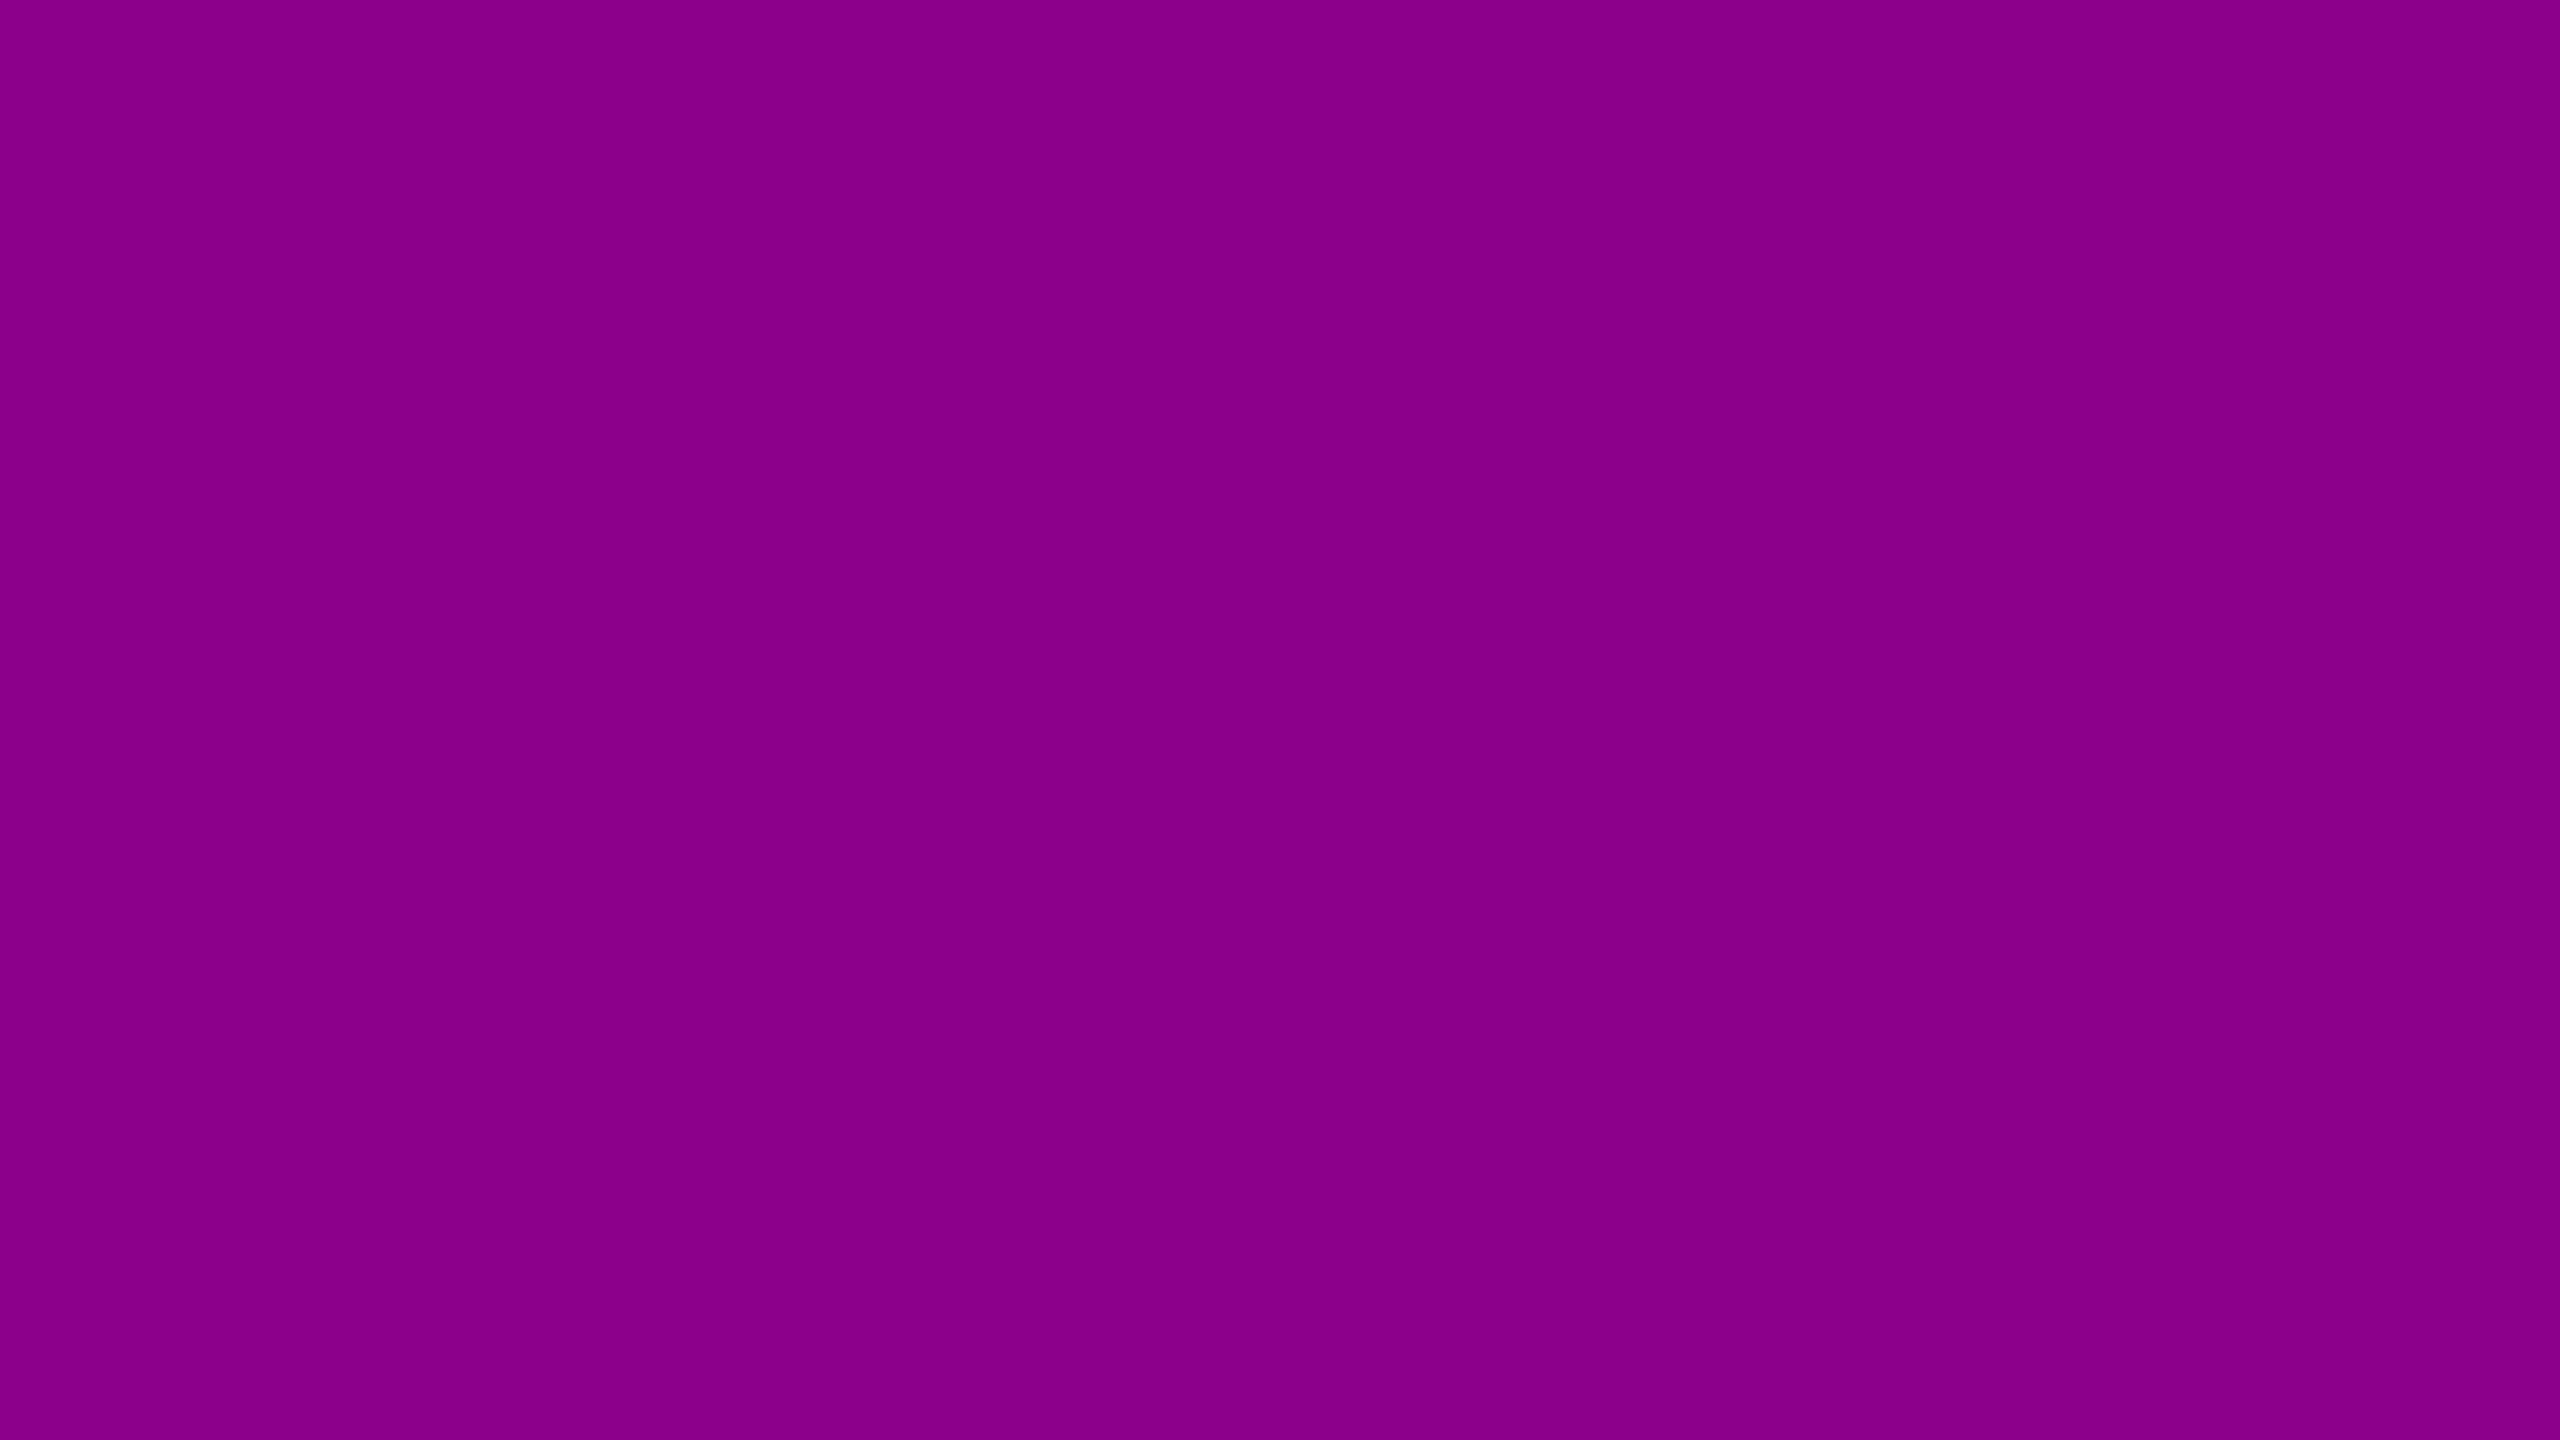 2560x1440 Dark Magenta Solid Color Background